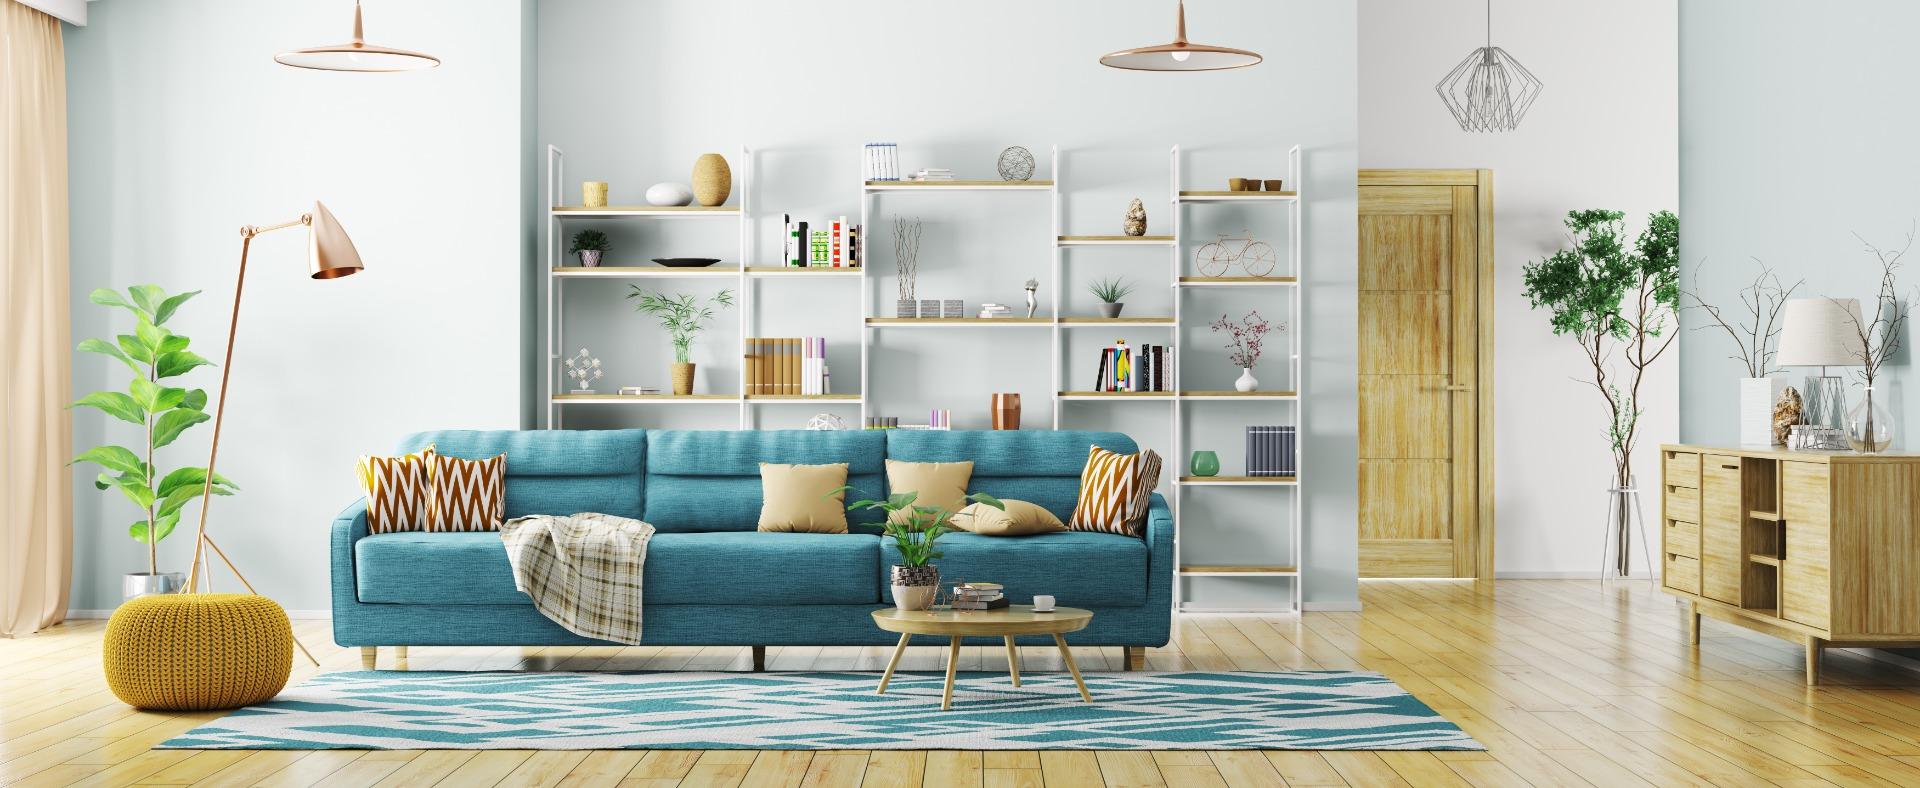 Vivre Dans Les Travaux travaux de rénovation de vos pièces à vivre : salon, séjour